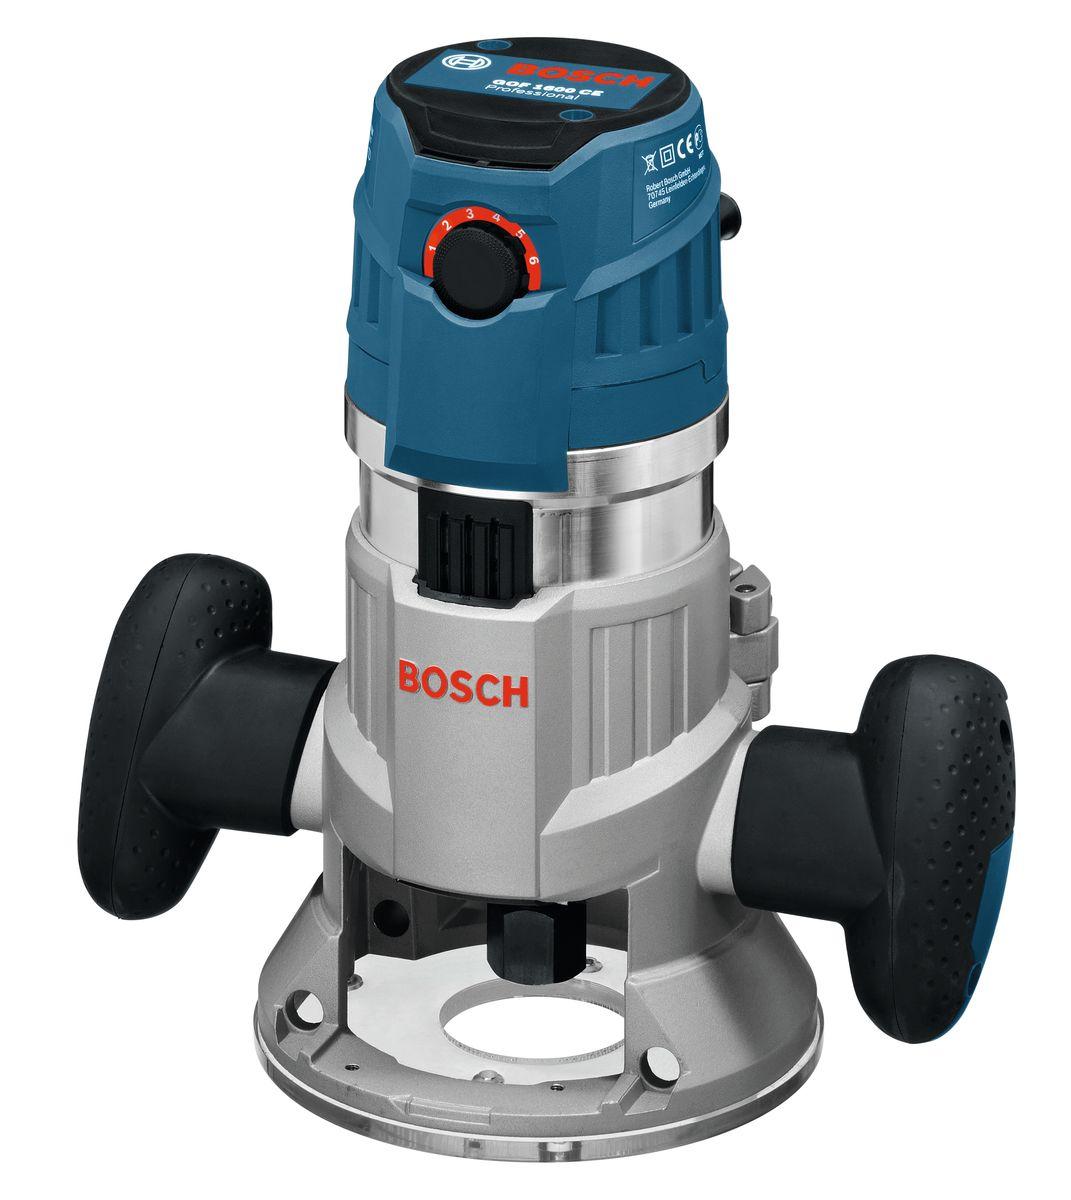 Фрезер Bosch GMF 1600 CE L-Boxx0601624002Обзор технических характеристикЗажим 8 - 12,7 ммЧисло оборотов холостого хода 10000 - 25000 об/минМакс. ход фрезы 76 ммНоминальная потребляемая мощность 1600 WКомплектация инструмента:Переходник пылеотвода для копировальной фрезыРожковый ключ на 24 ммПараллельный упор с точной регулировкойL-BOXXЦентрирующий штифт 8/12ммЗащита от выброса опилок для копировальной фрезыЗащита от выброса опилок для погружной фрезыКопировальная база2 копировальные втулки 17/30 мм2 цанговых патрона 8 мм и 12 мм с накидной гайкой